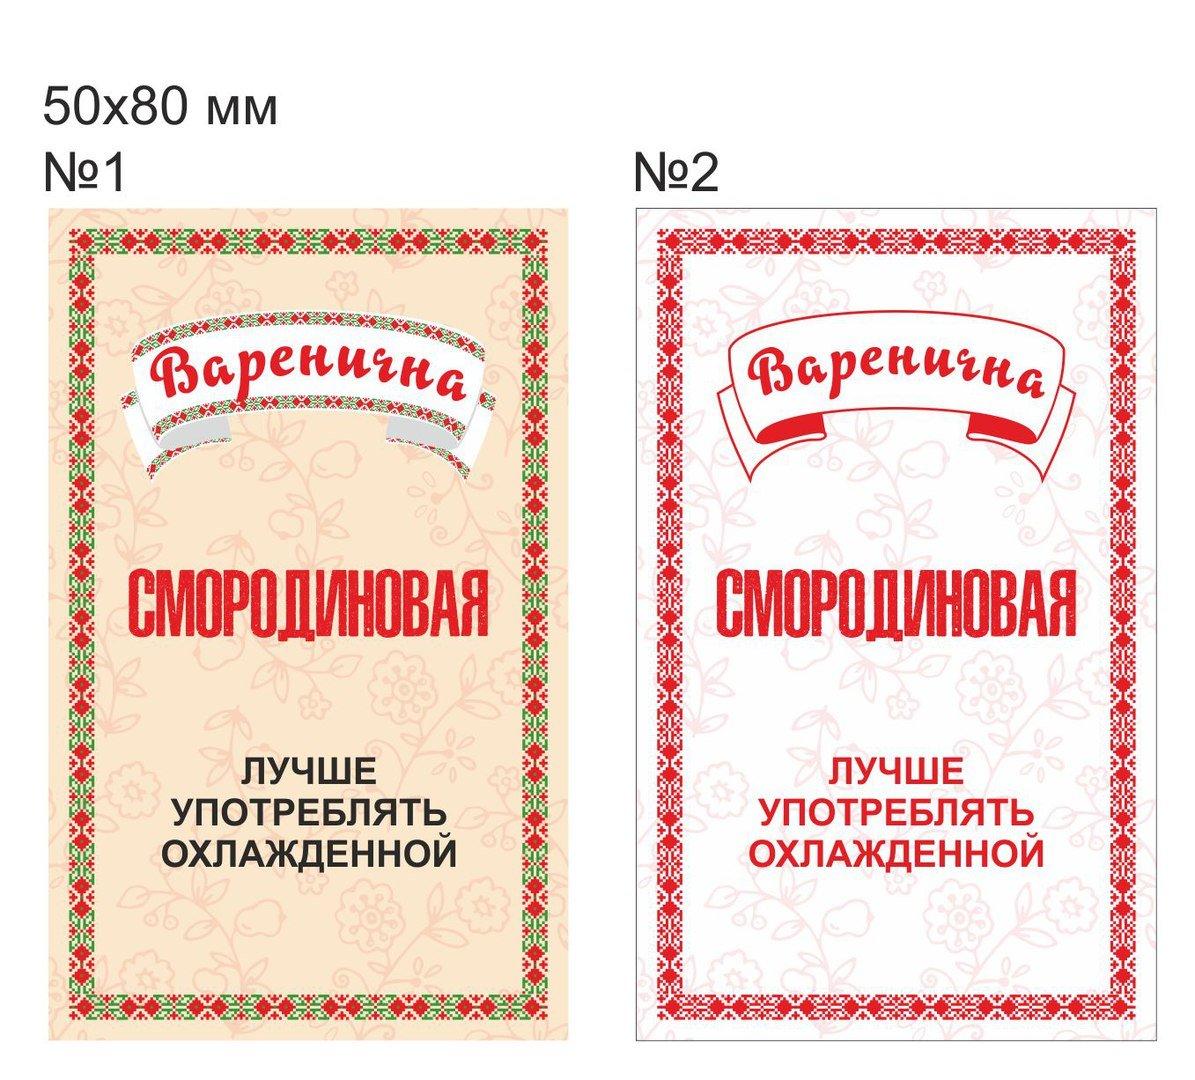 varenichna_omsk41